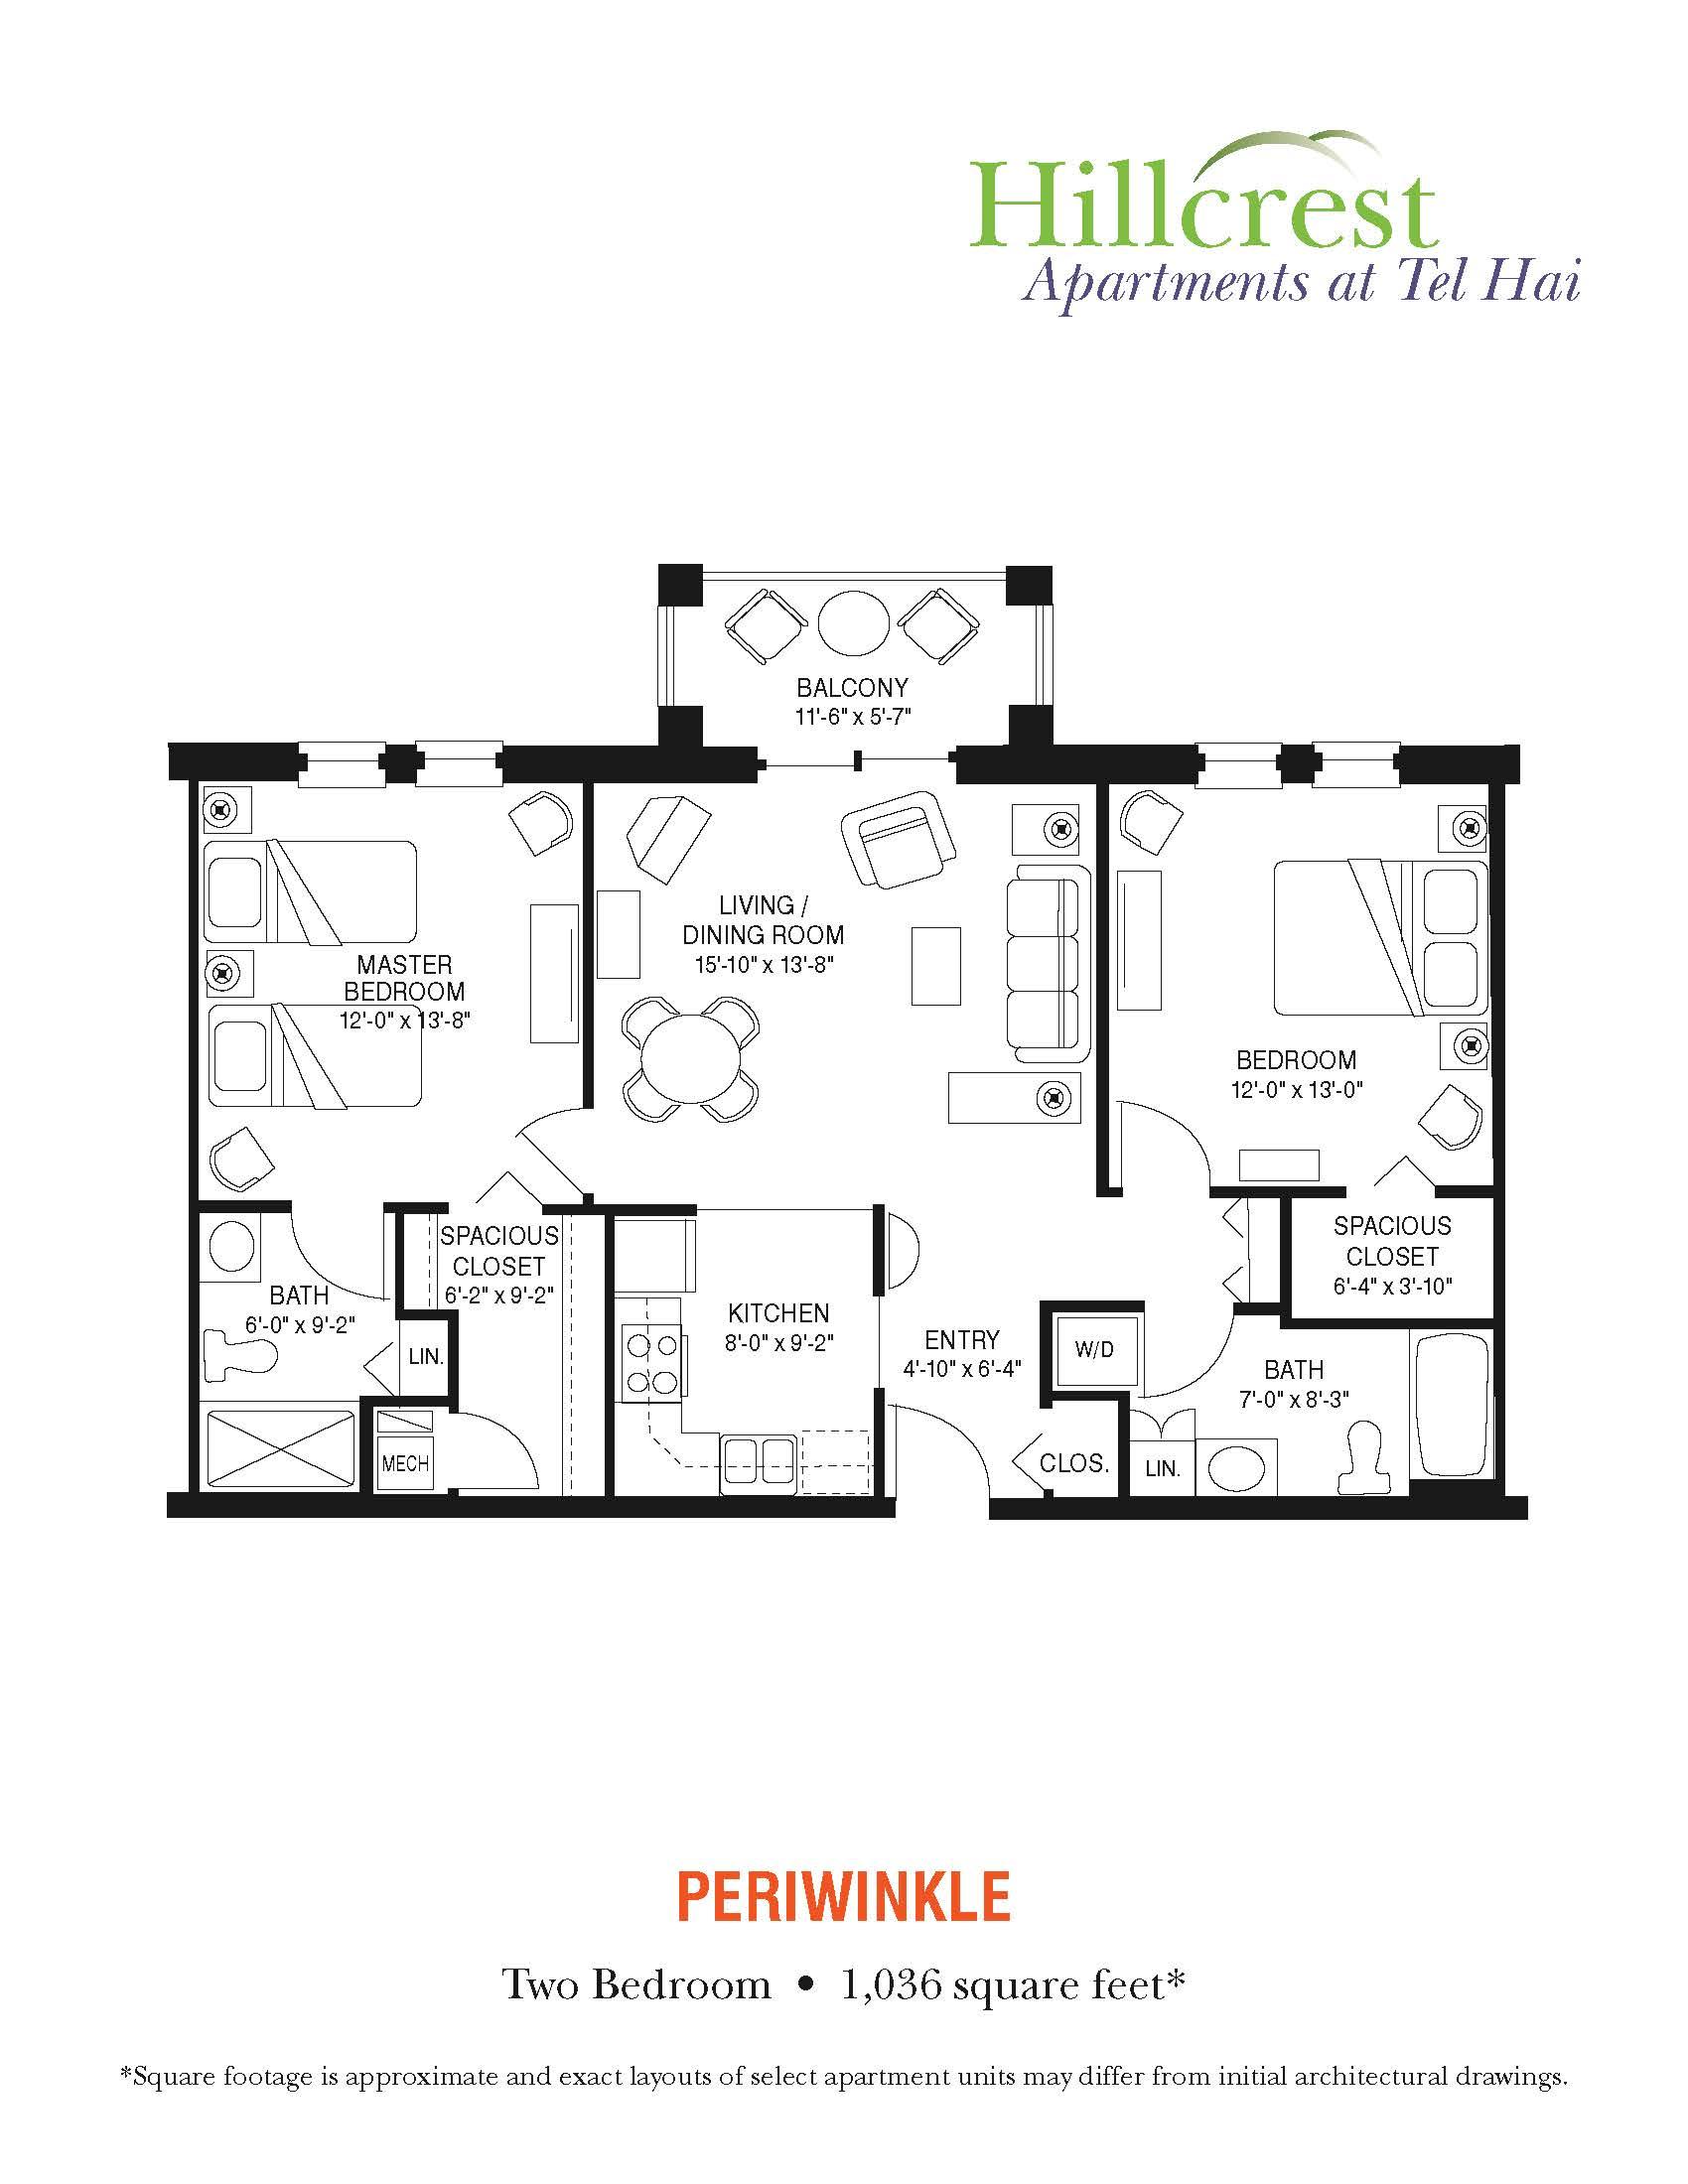 Periwinkle Apartment at Tel Hai